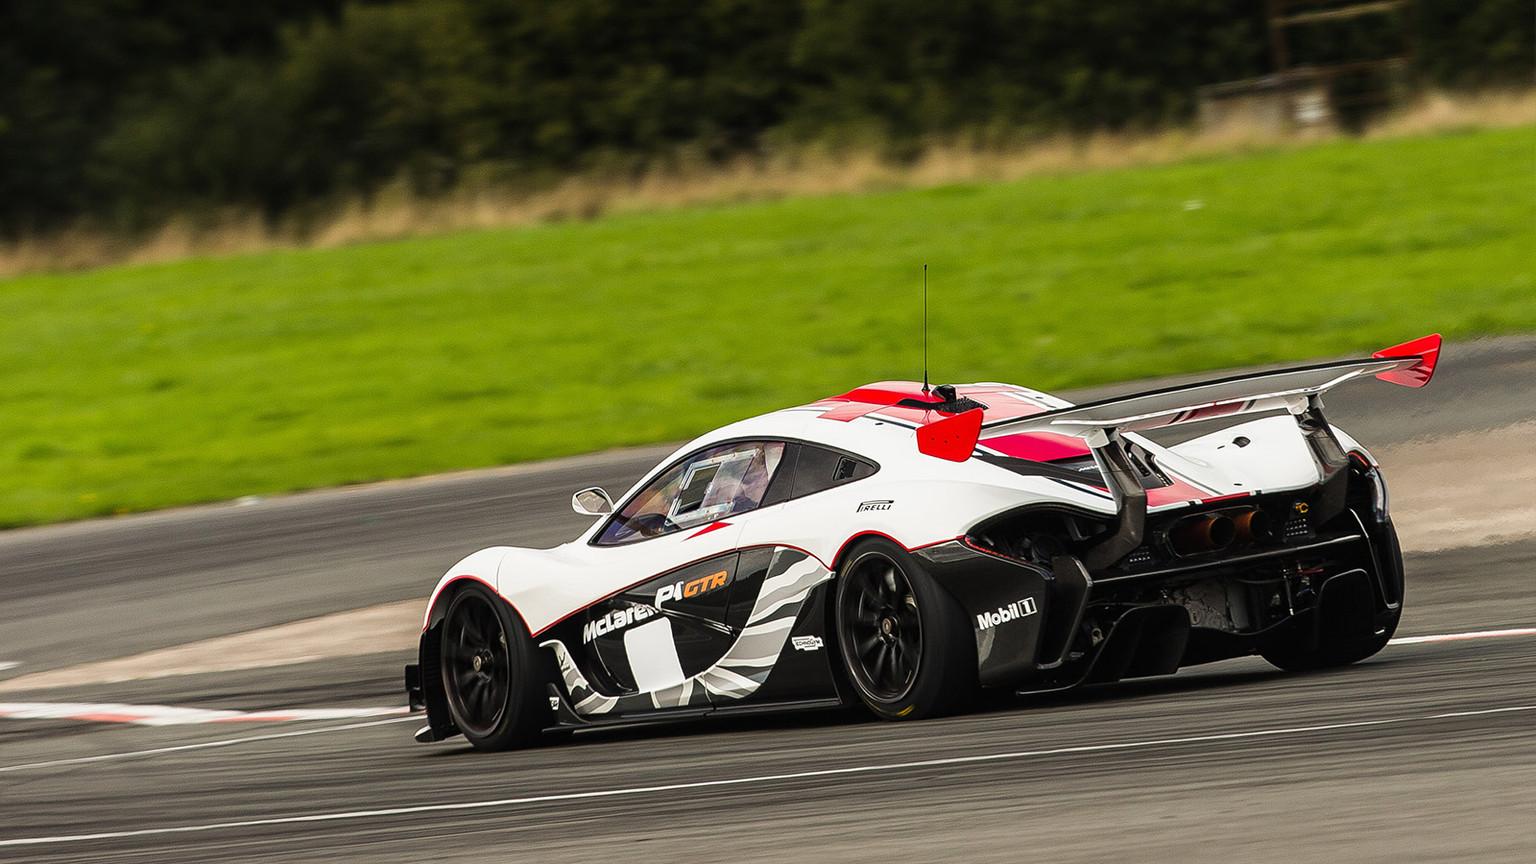 img-McLaren-P1-GTR-02.jpg